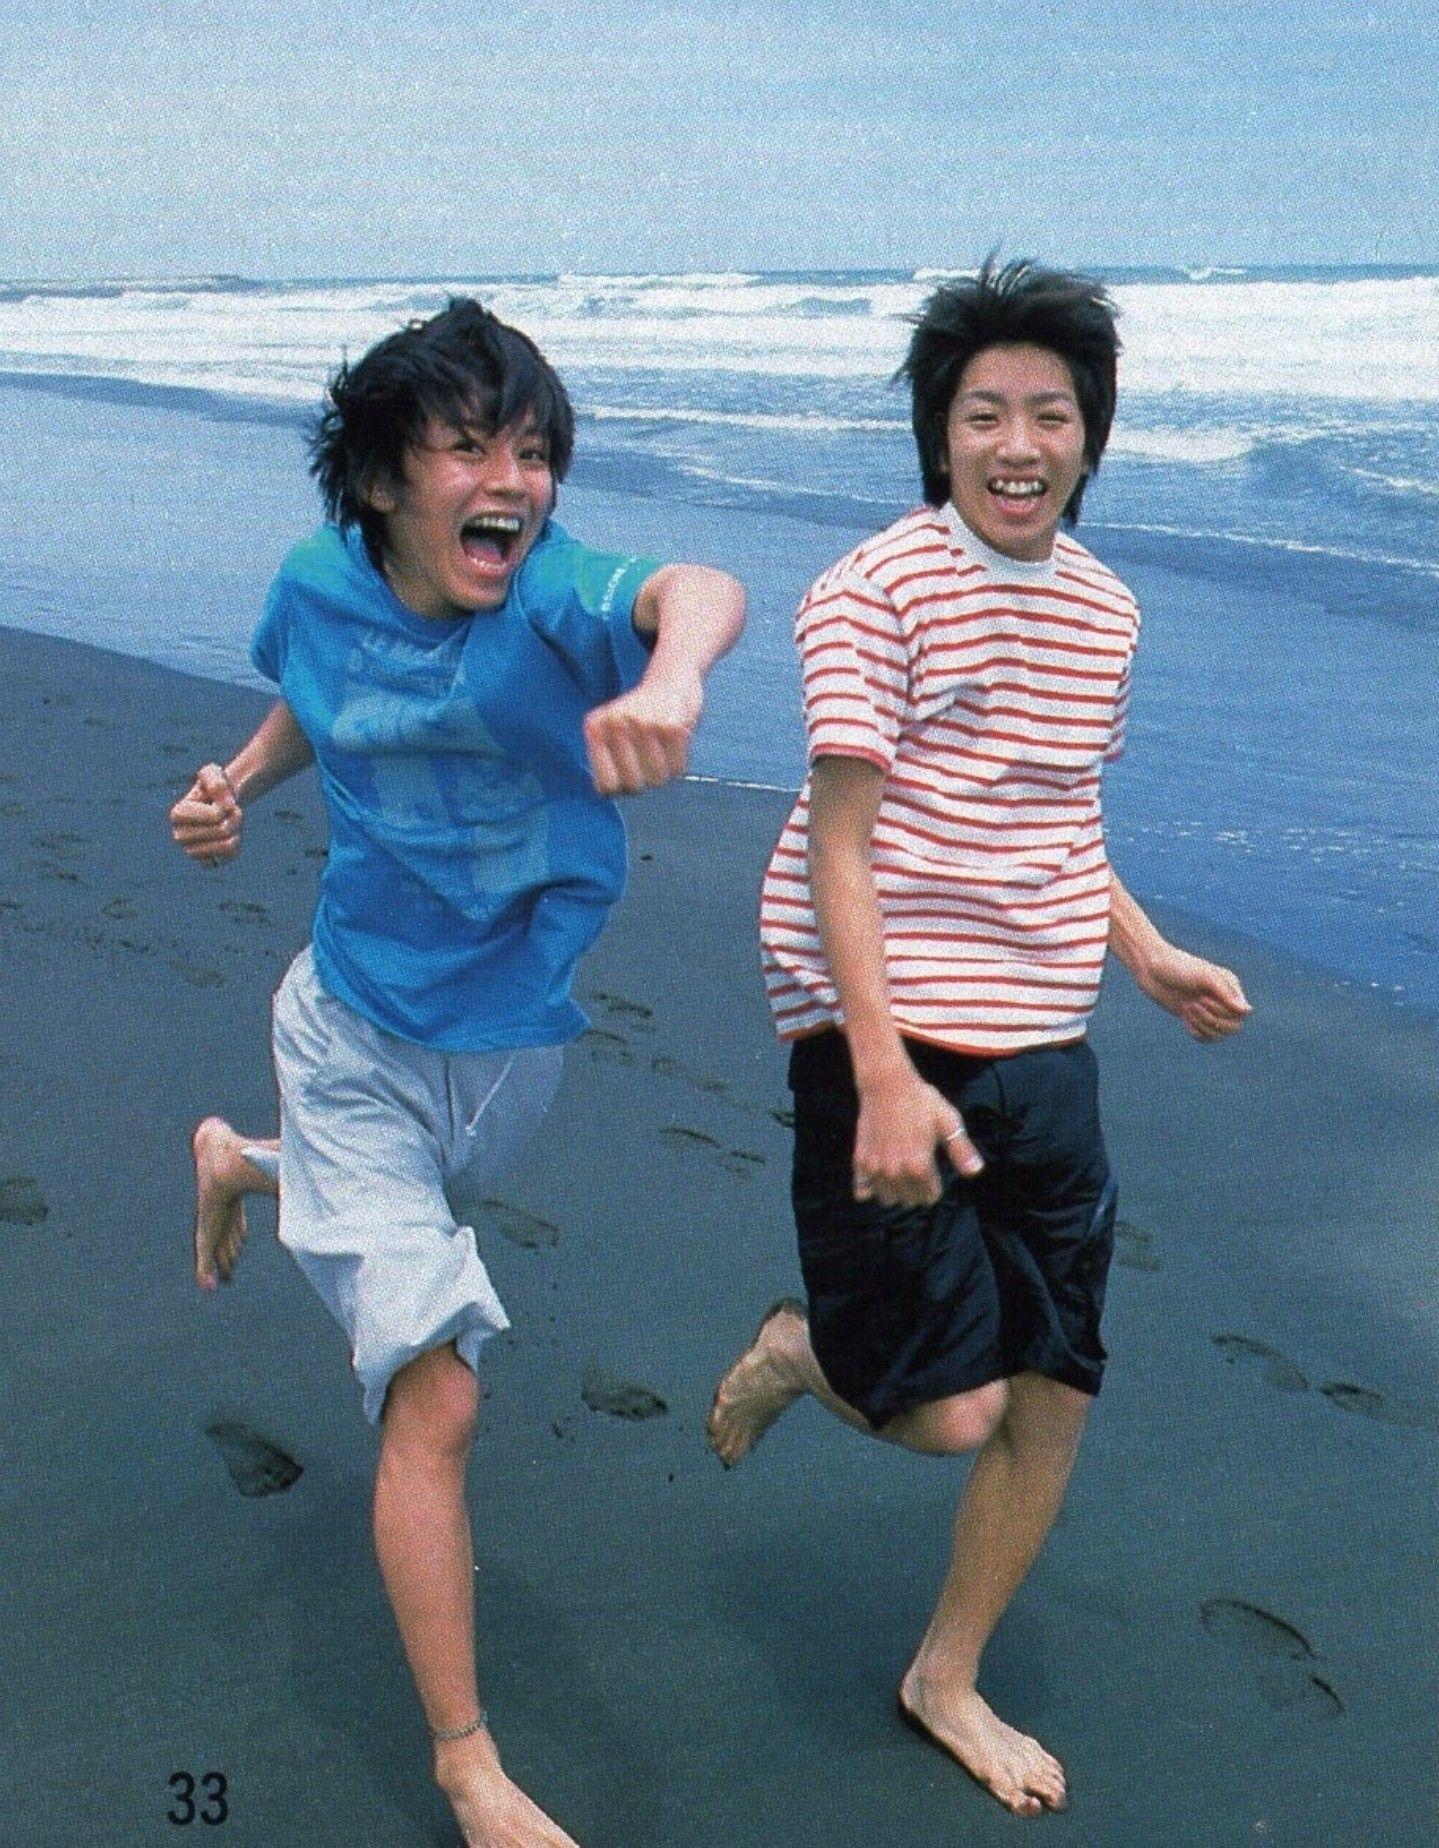 海を走る渋谷すばる